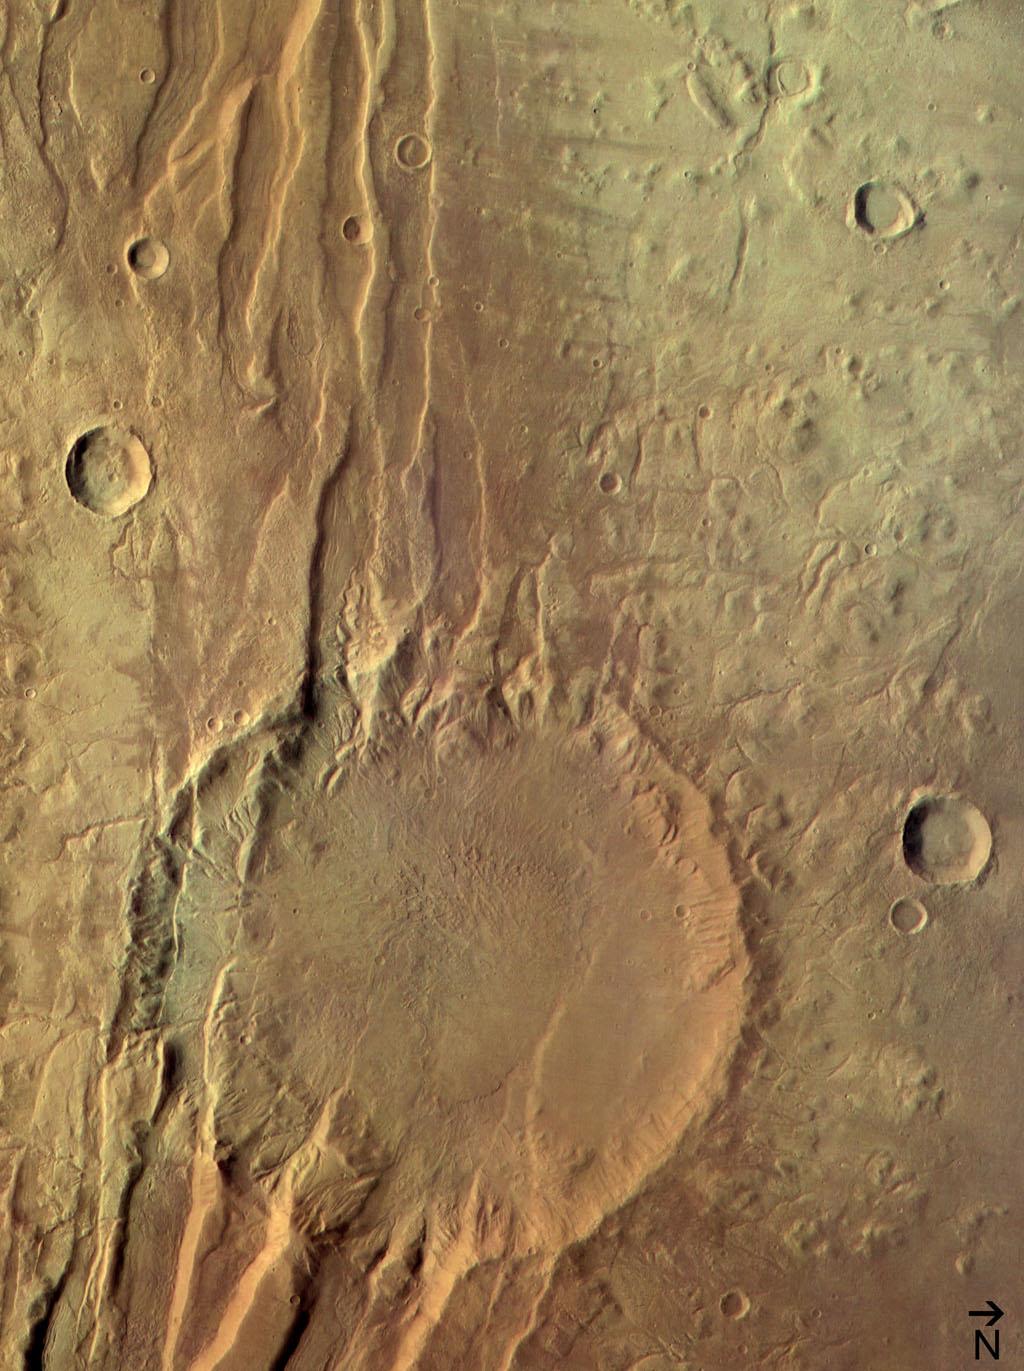 1567218069840-AcheronFossaeCrater.jpe